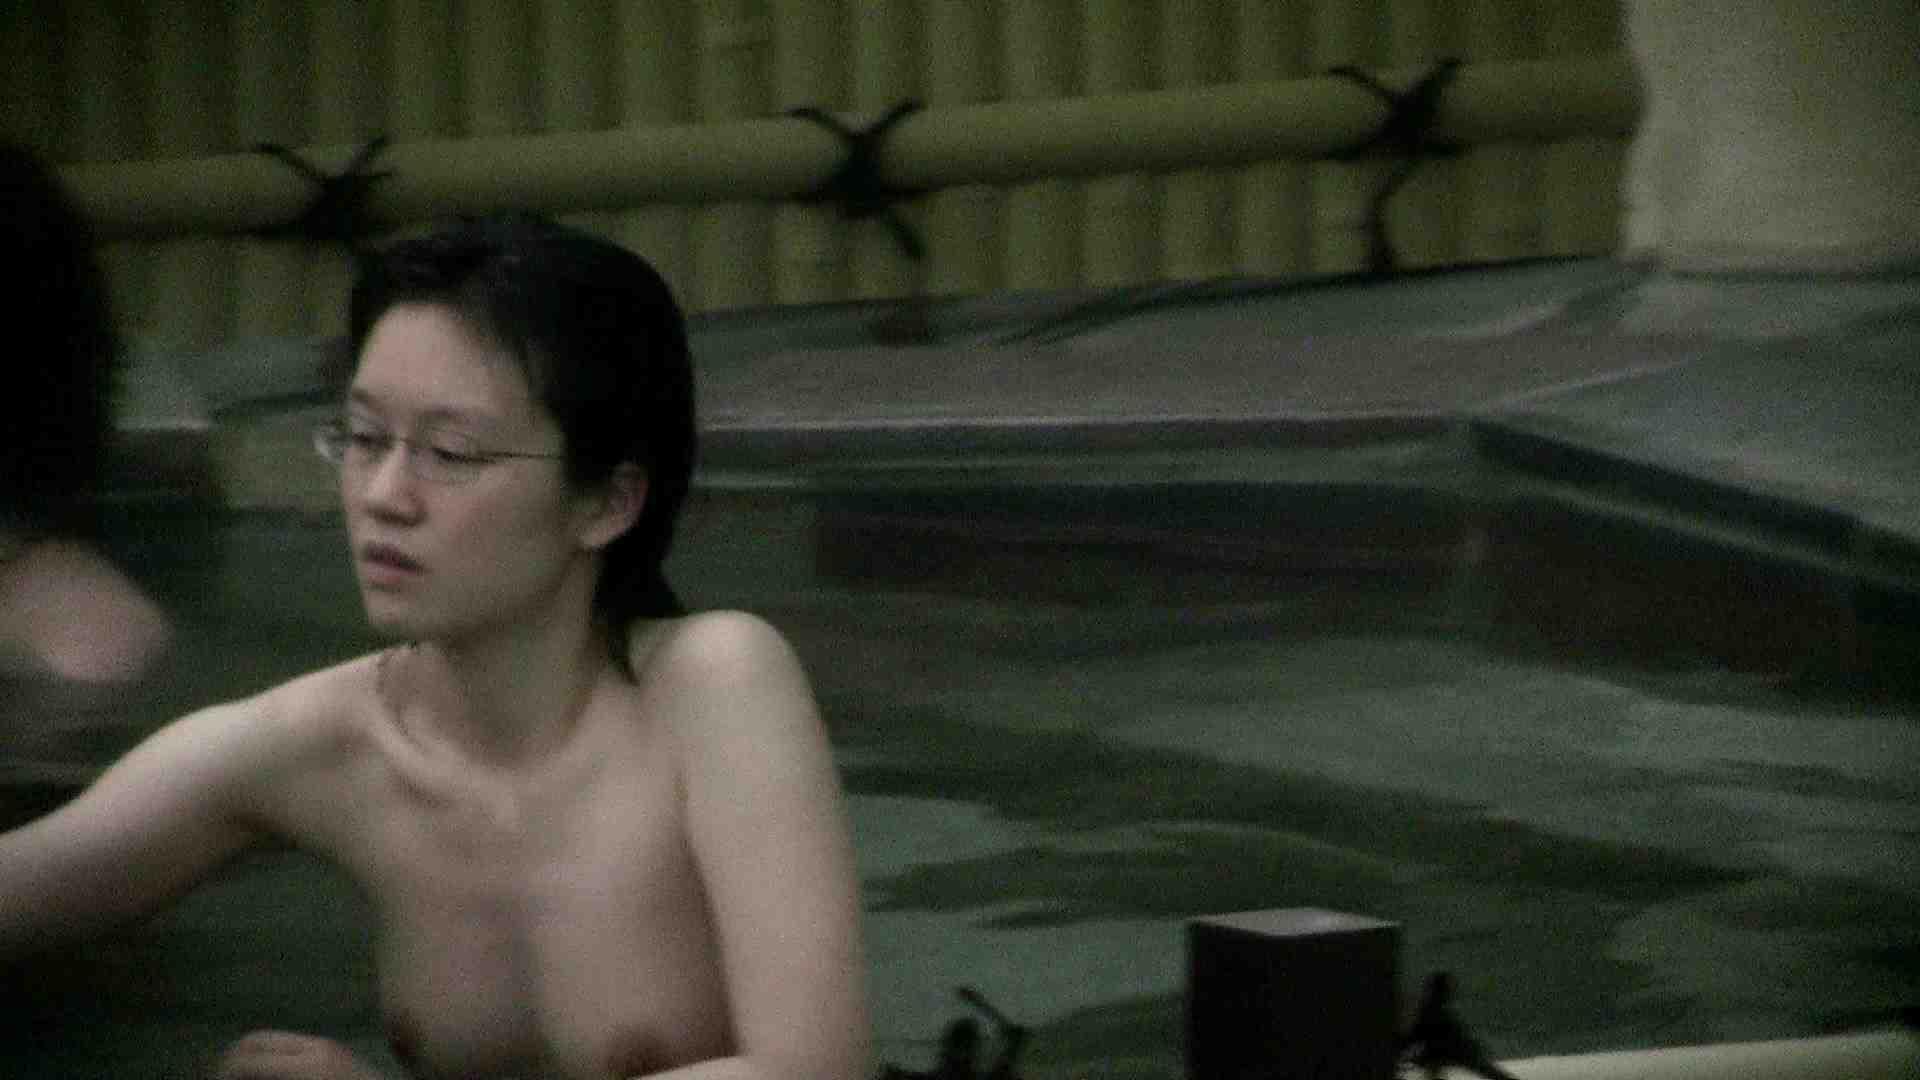 Aquaな露天風呂Vol.684 露天 オマンコ動画キャプチャ 87pic 59